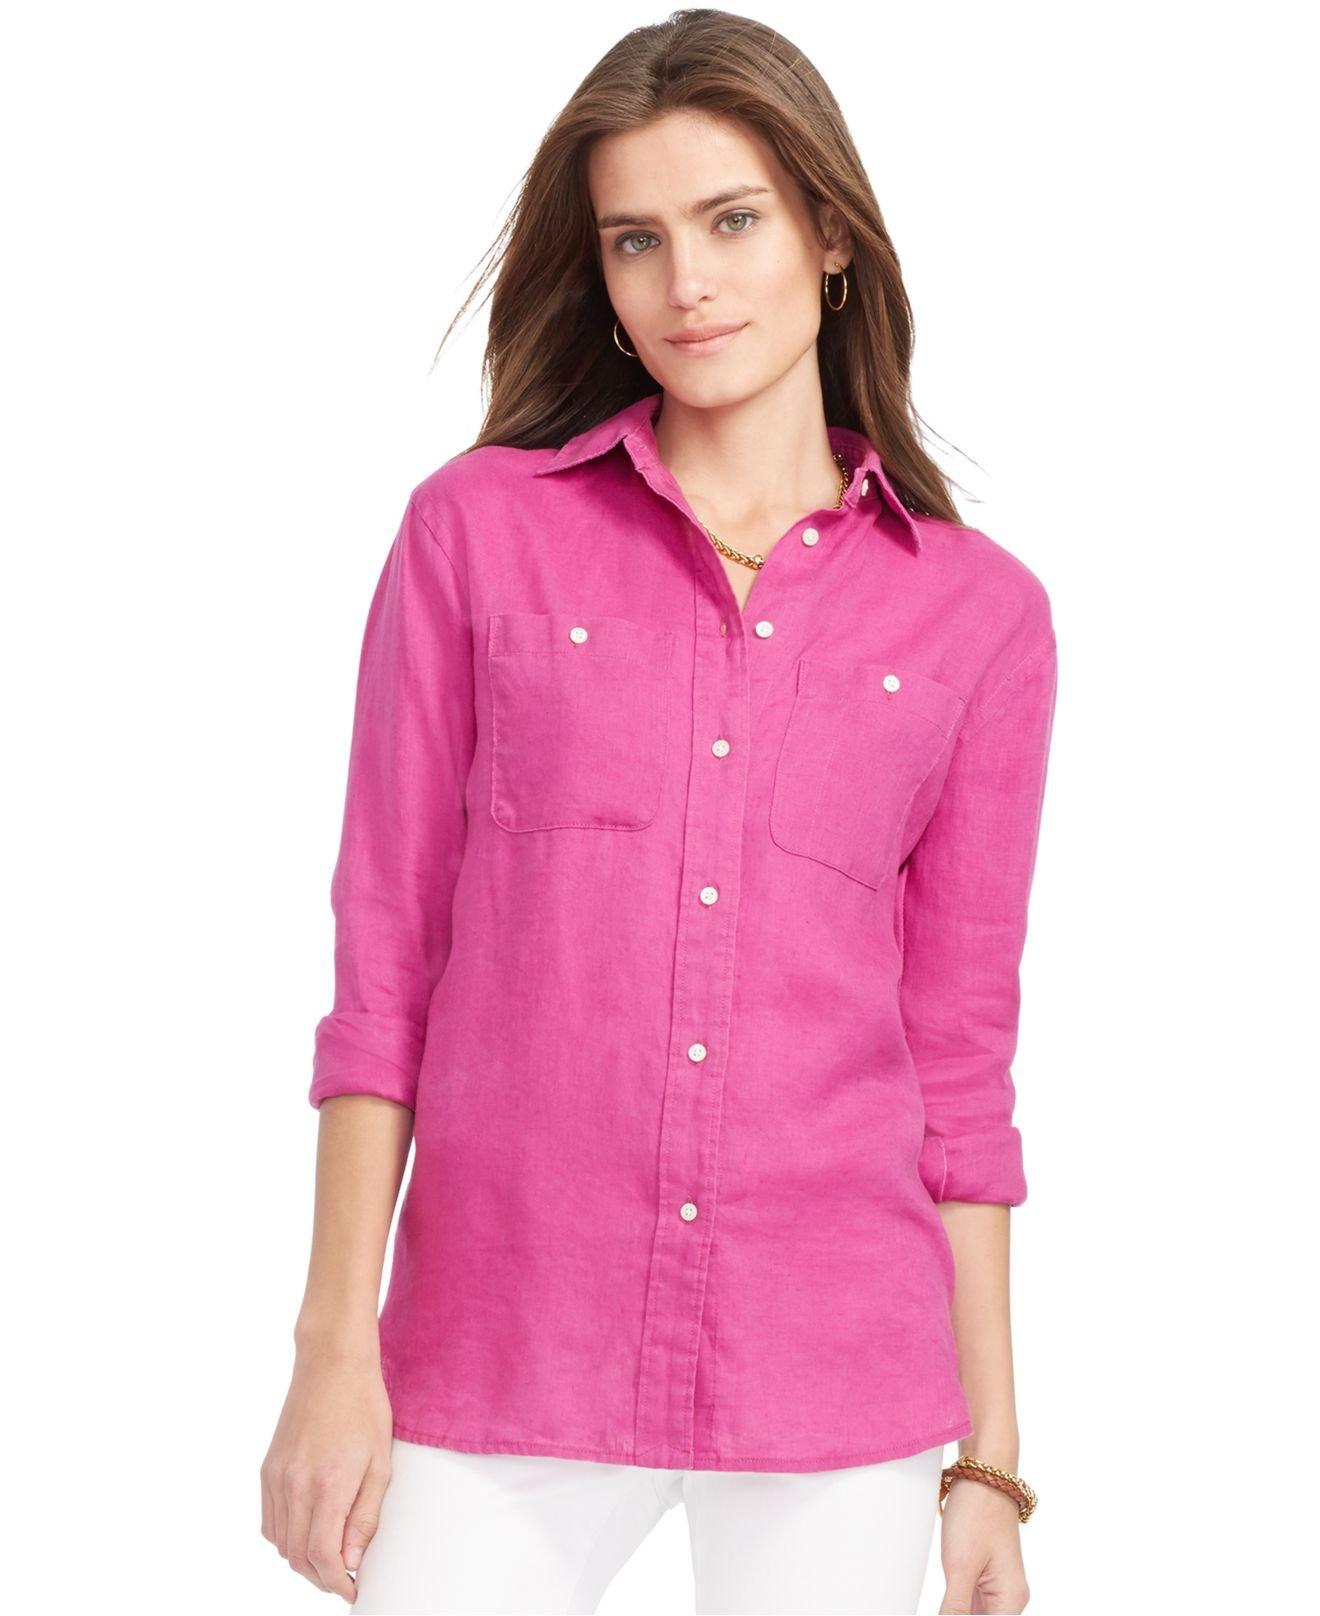 Lauren by ralph lauren linen boyfriend shirt in pink lyst for Pink and white ralph lauren shirt